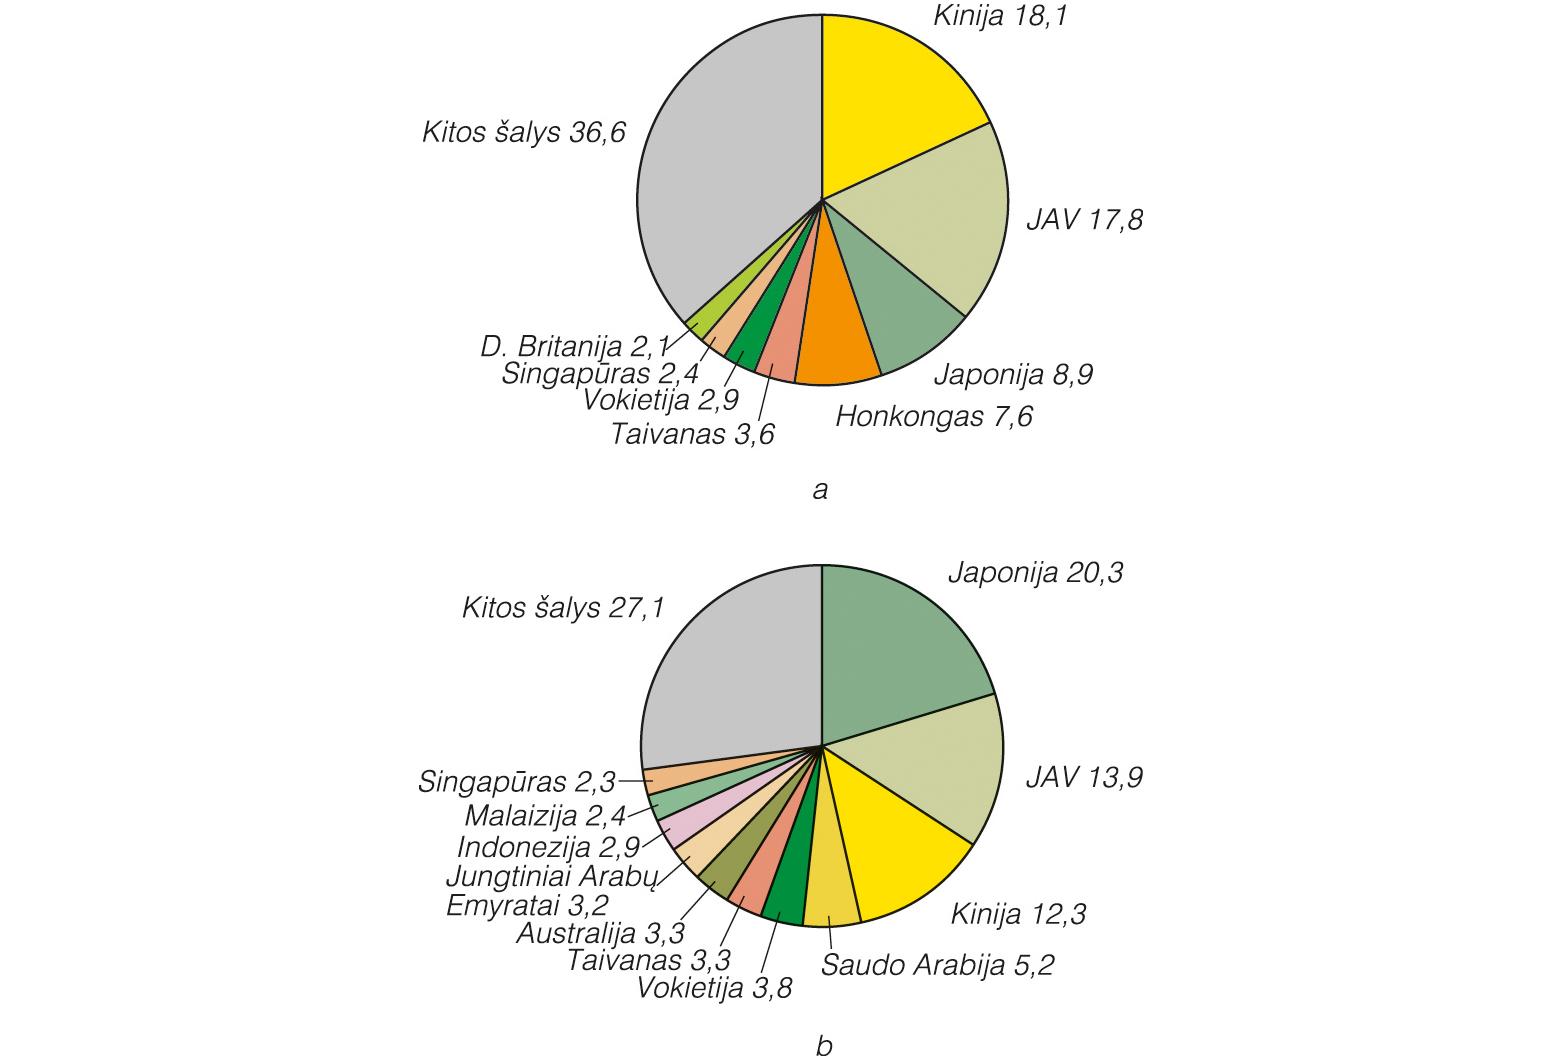 pietų korėjos viršutinė riba ir prekybos sistema